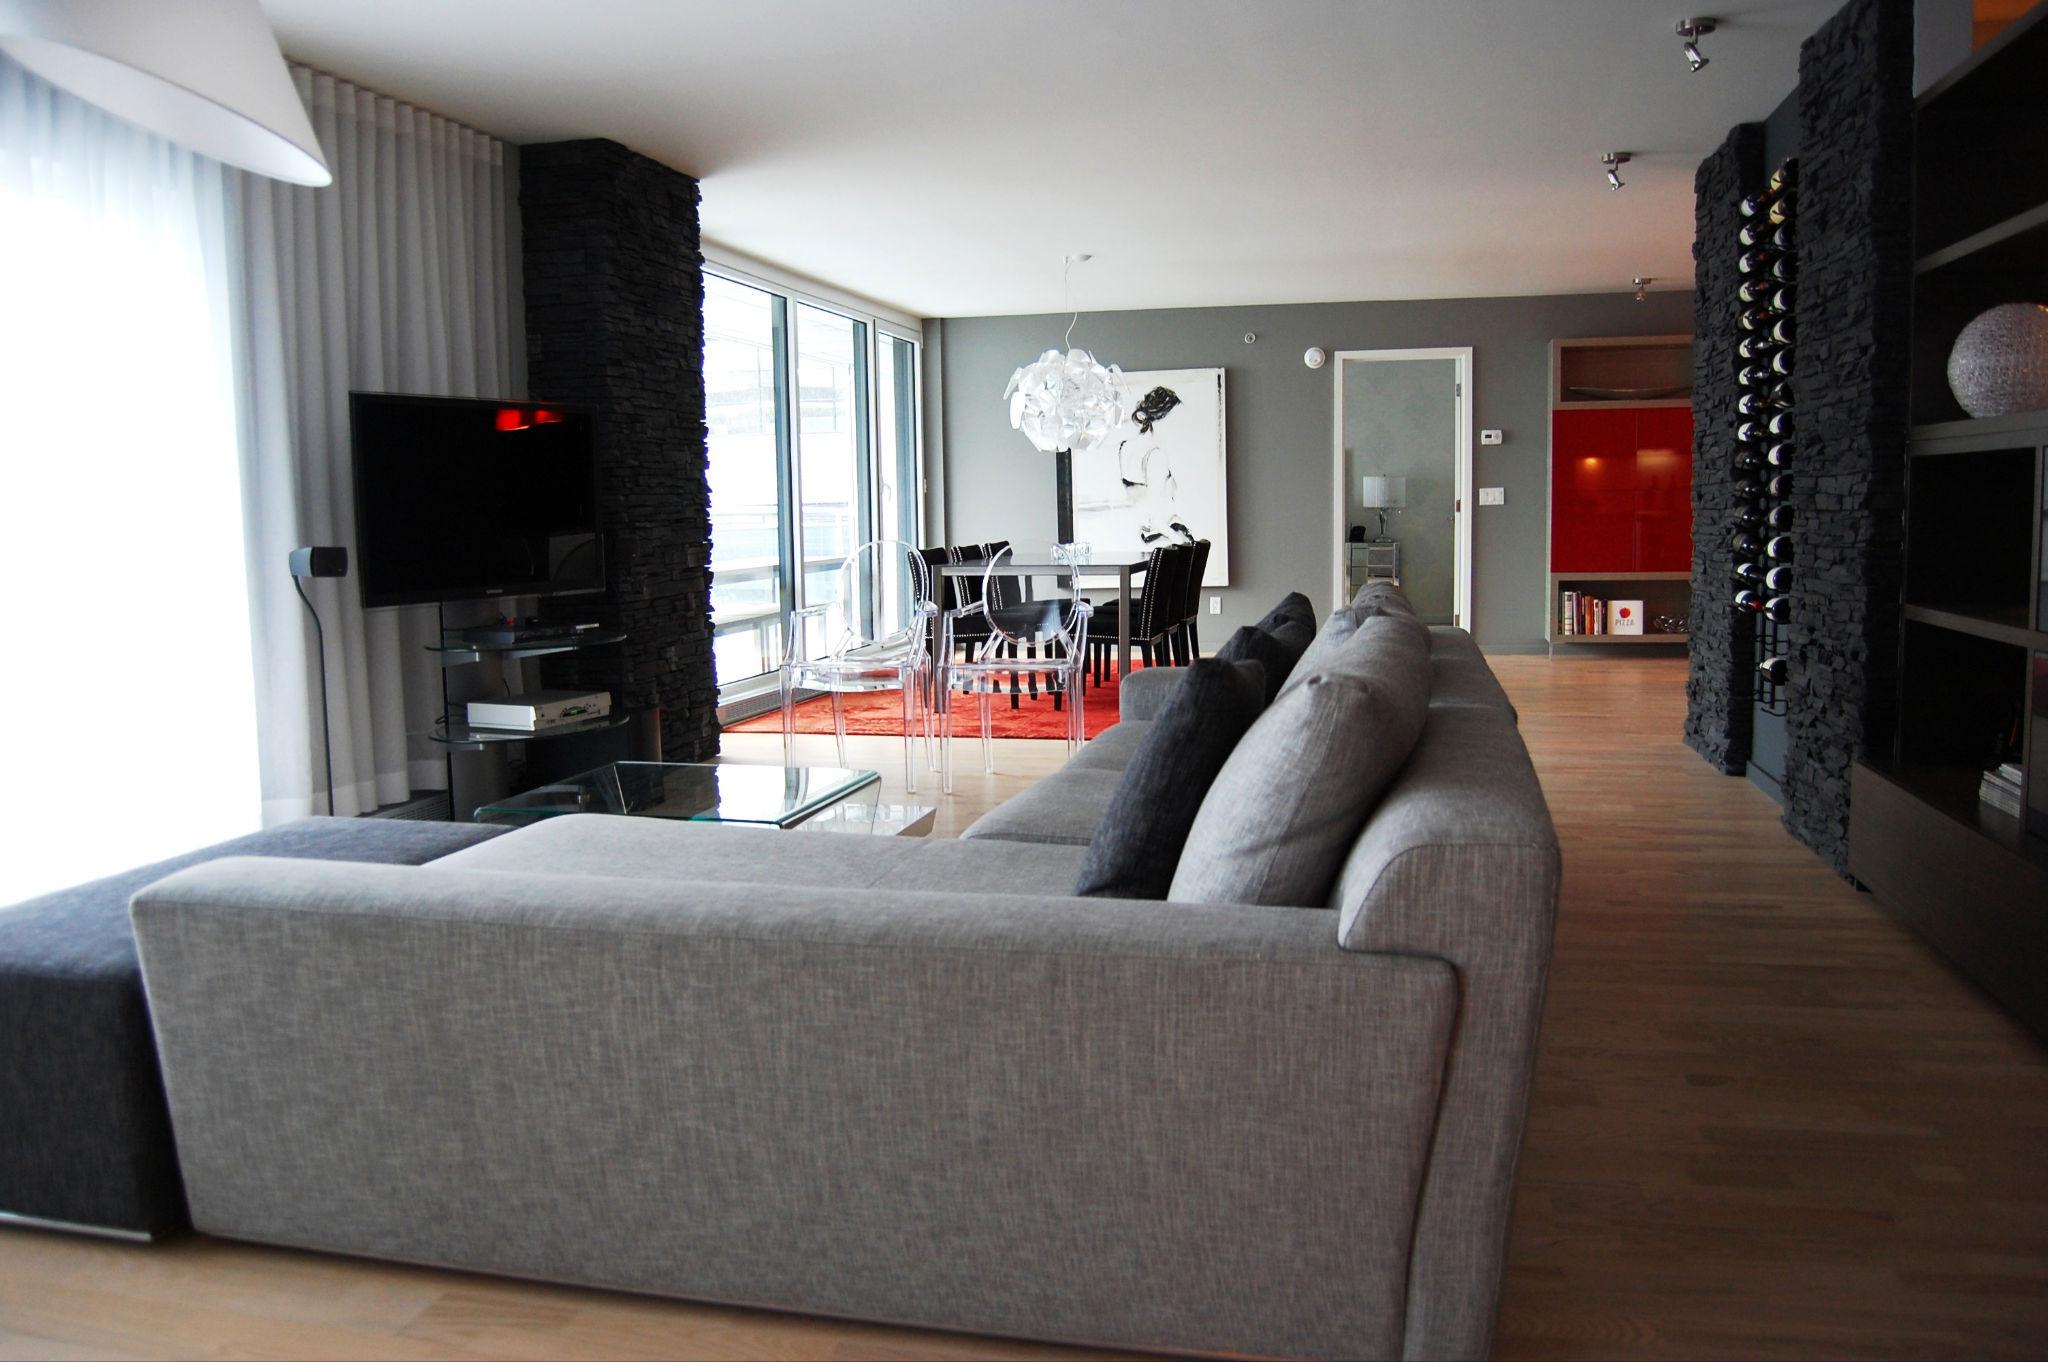 Maison Nathalie Hauseux et Daniel Roussin 004 - copie.JPG